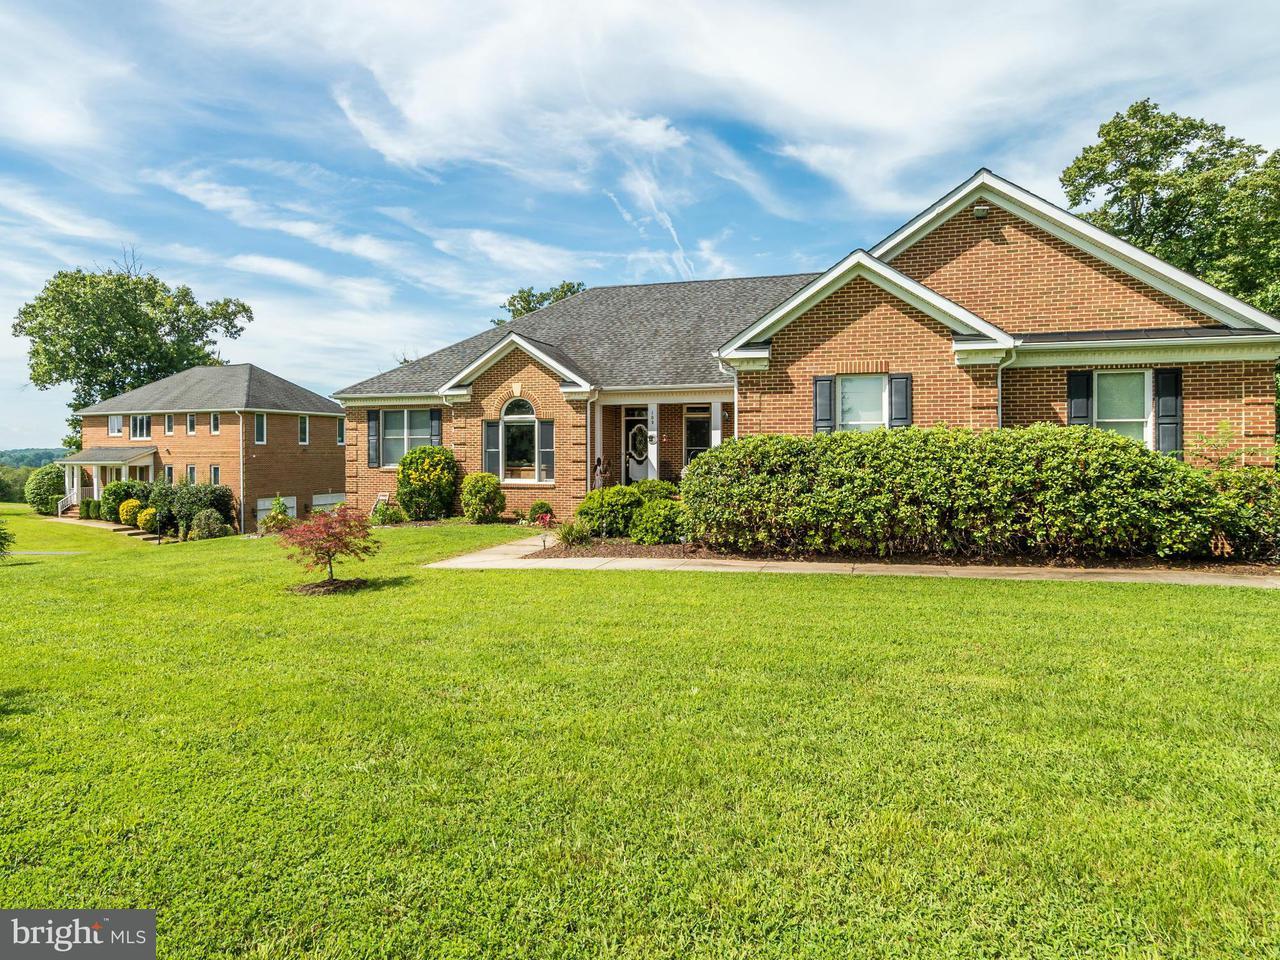 Maison unifamiliale pour l Vente à 109 ARRINGTON MOUNTAIN Road 109 ARRINGTON MOUNTAIN Road Haywood, Virginia 22722 États-Unis